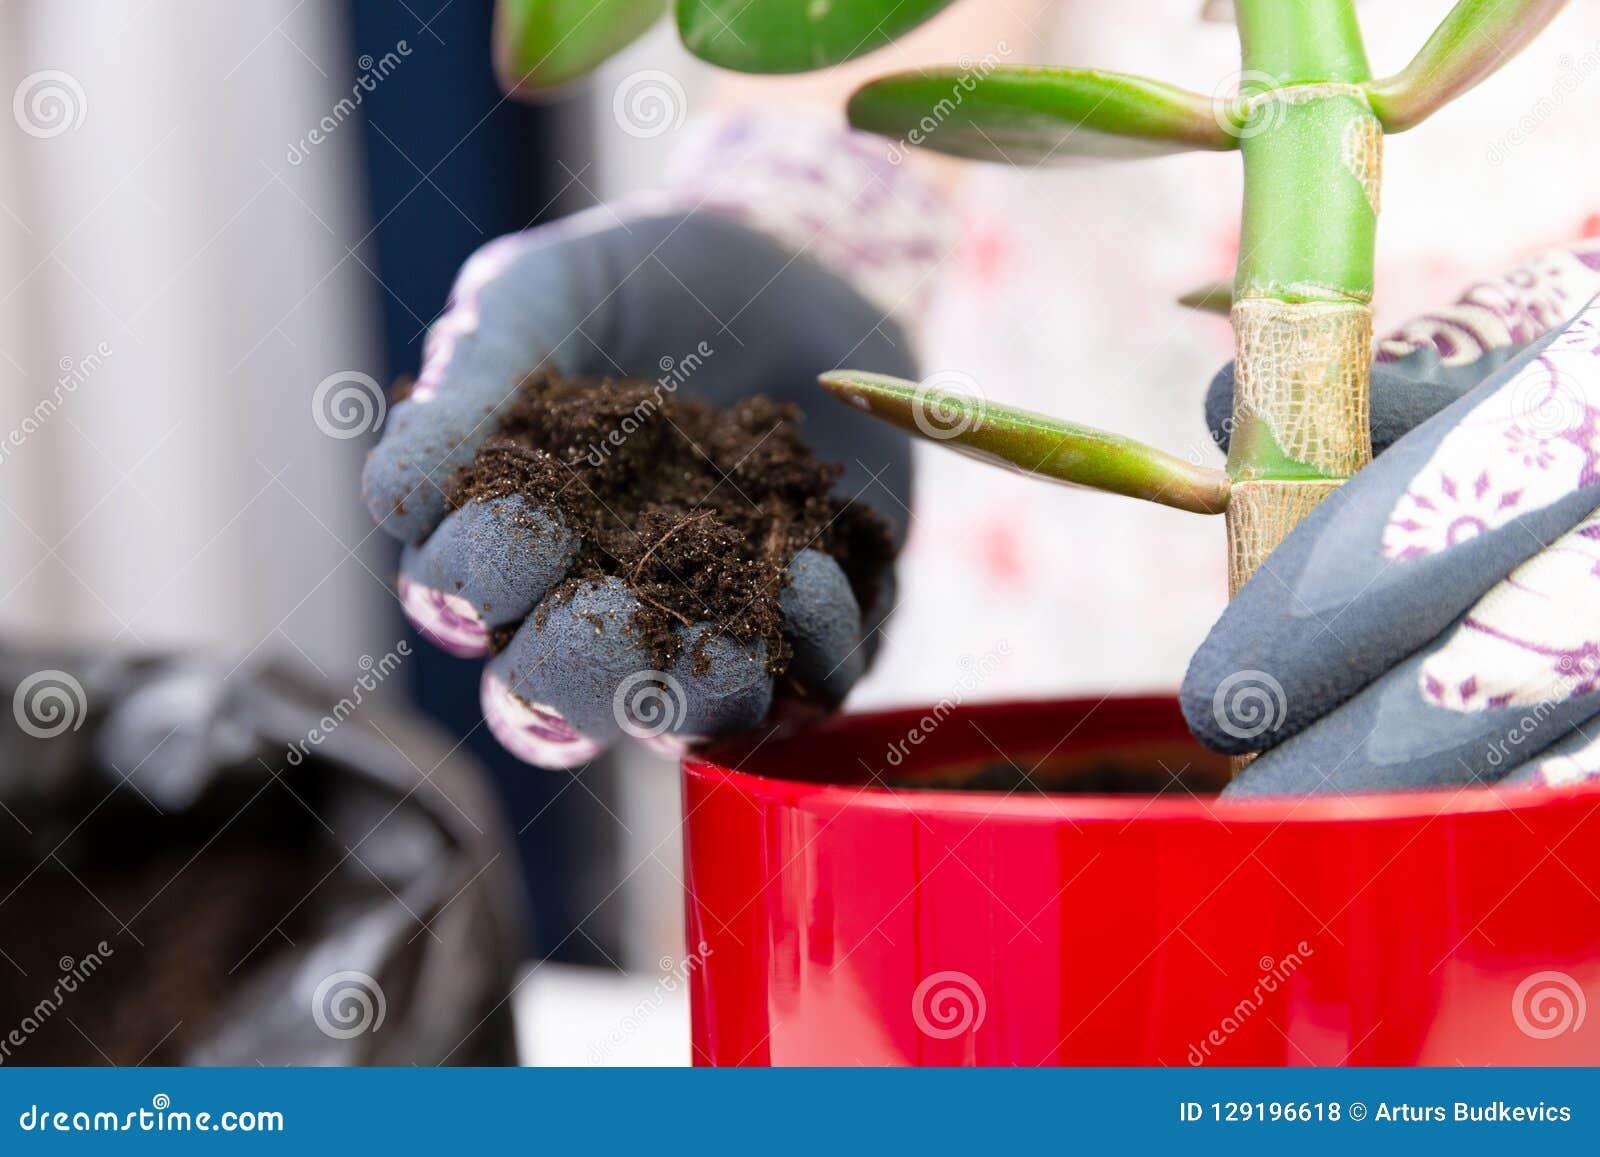 Donna che pianta una pianta in un vaso rosso con i guanti decorativi sviluppisi